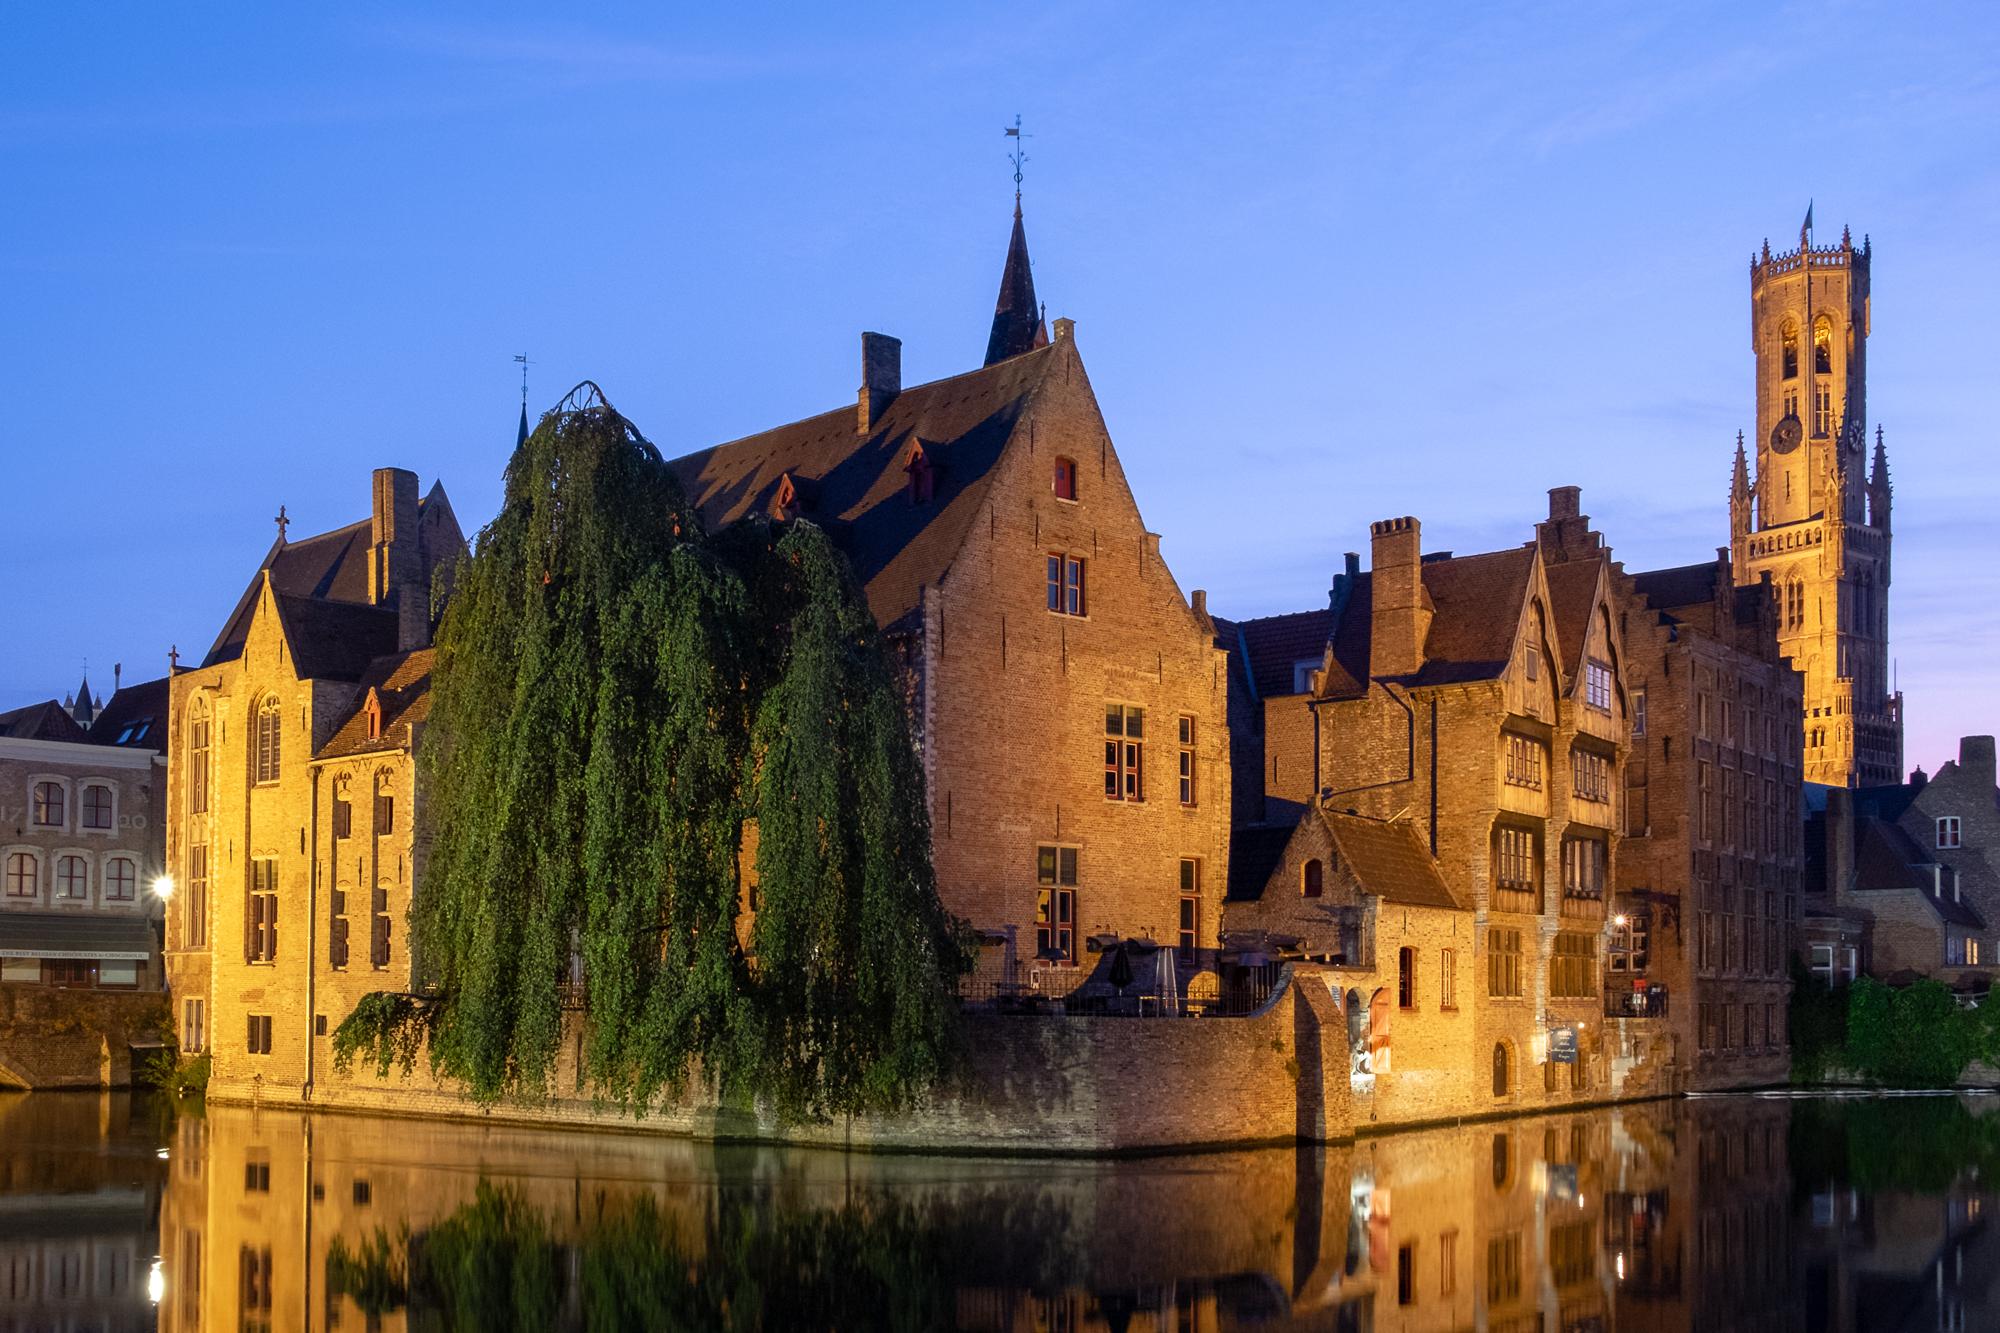 180721 - Bruges - Blue Hour - Dijver Canal 001.jpg